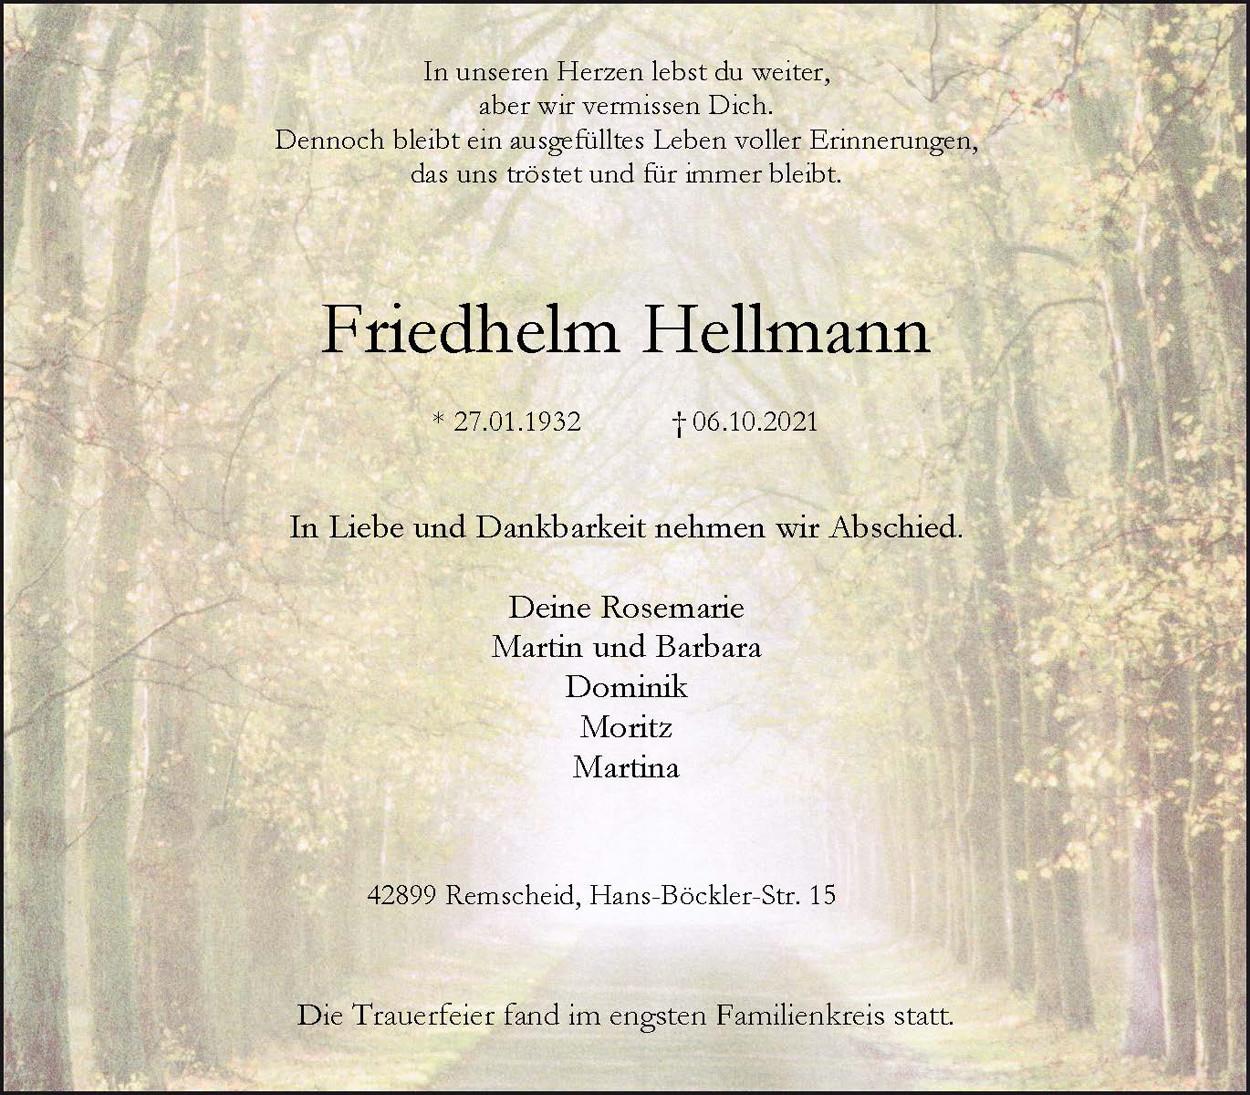 Friedhelm Hellmann